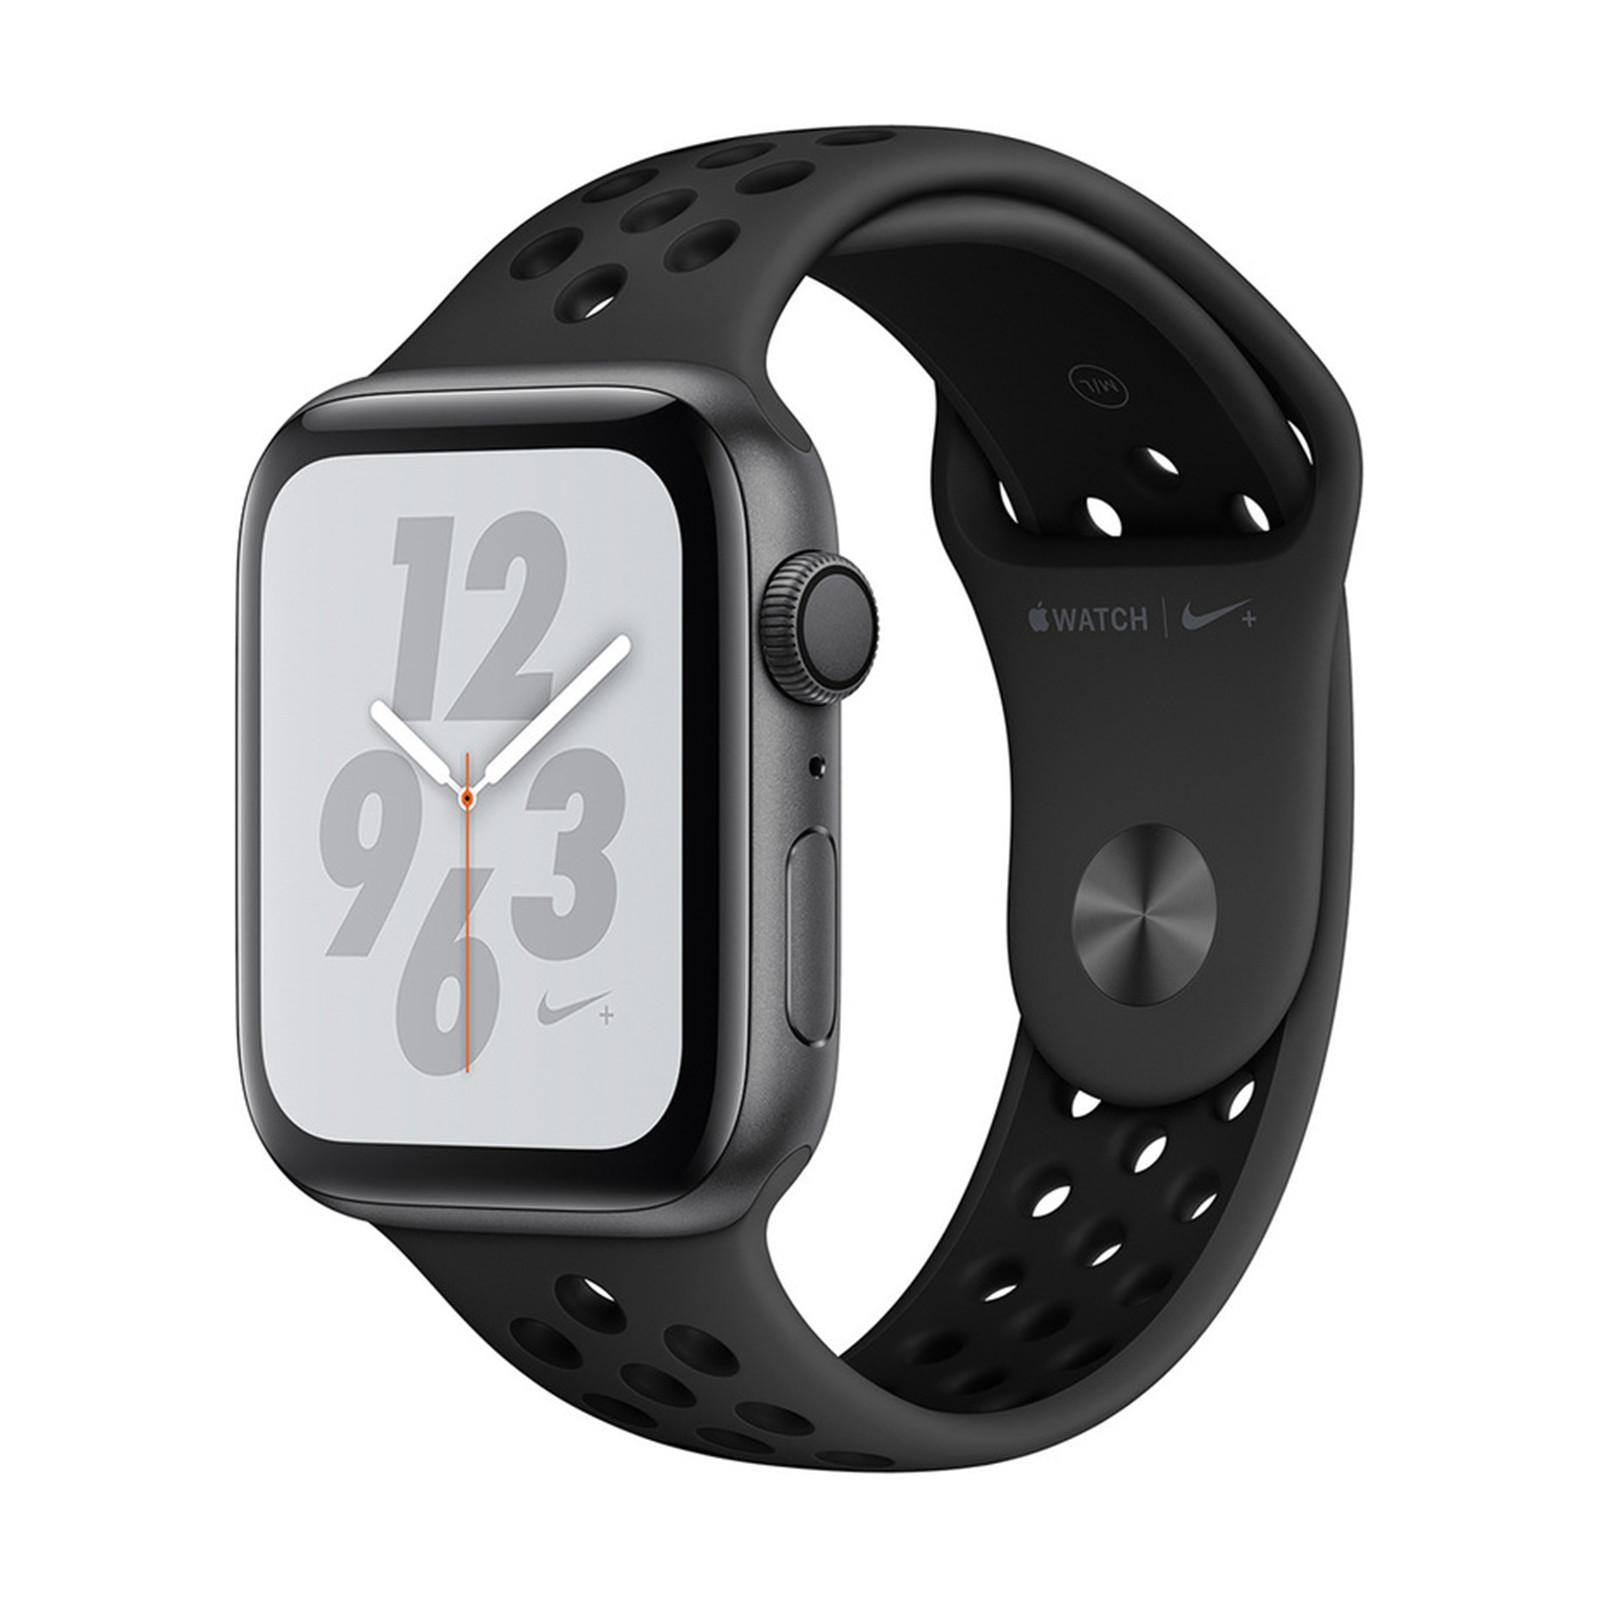 Buy the Apple Watch Series 4 Nike+ GPS 44mm Space Grey